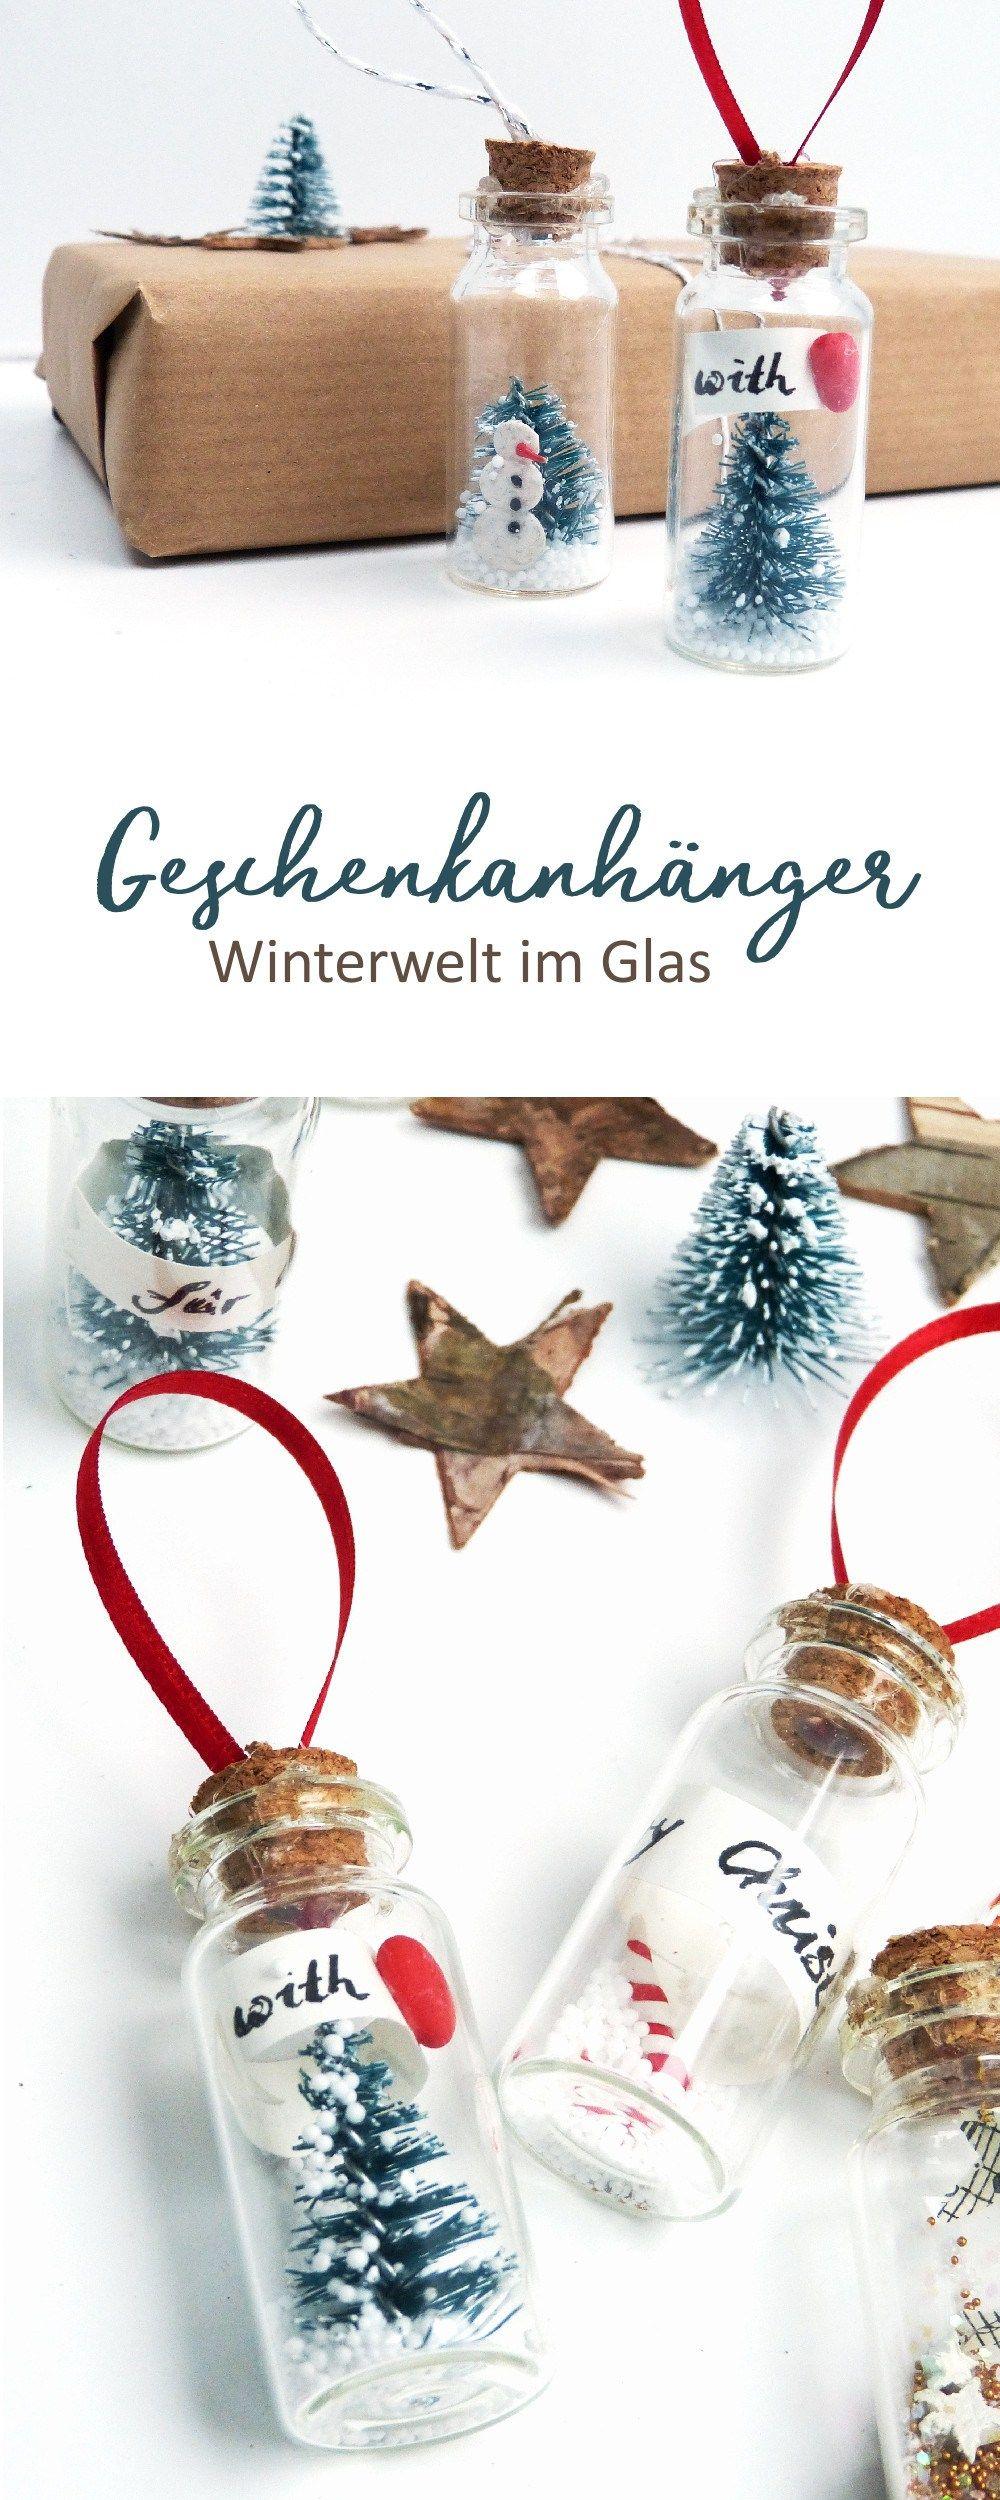 Männer Weihnachtsdeko.Geschenkanhänger Im Miniglas Holly And Jolly Geschenkanhänger